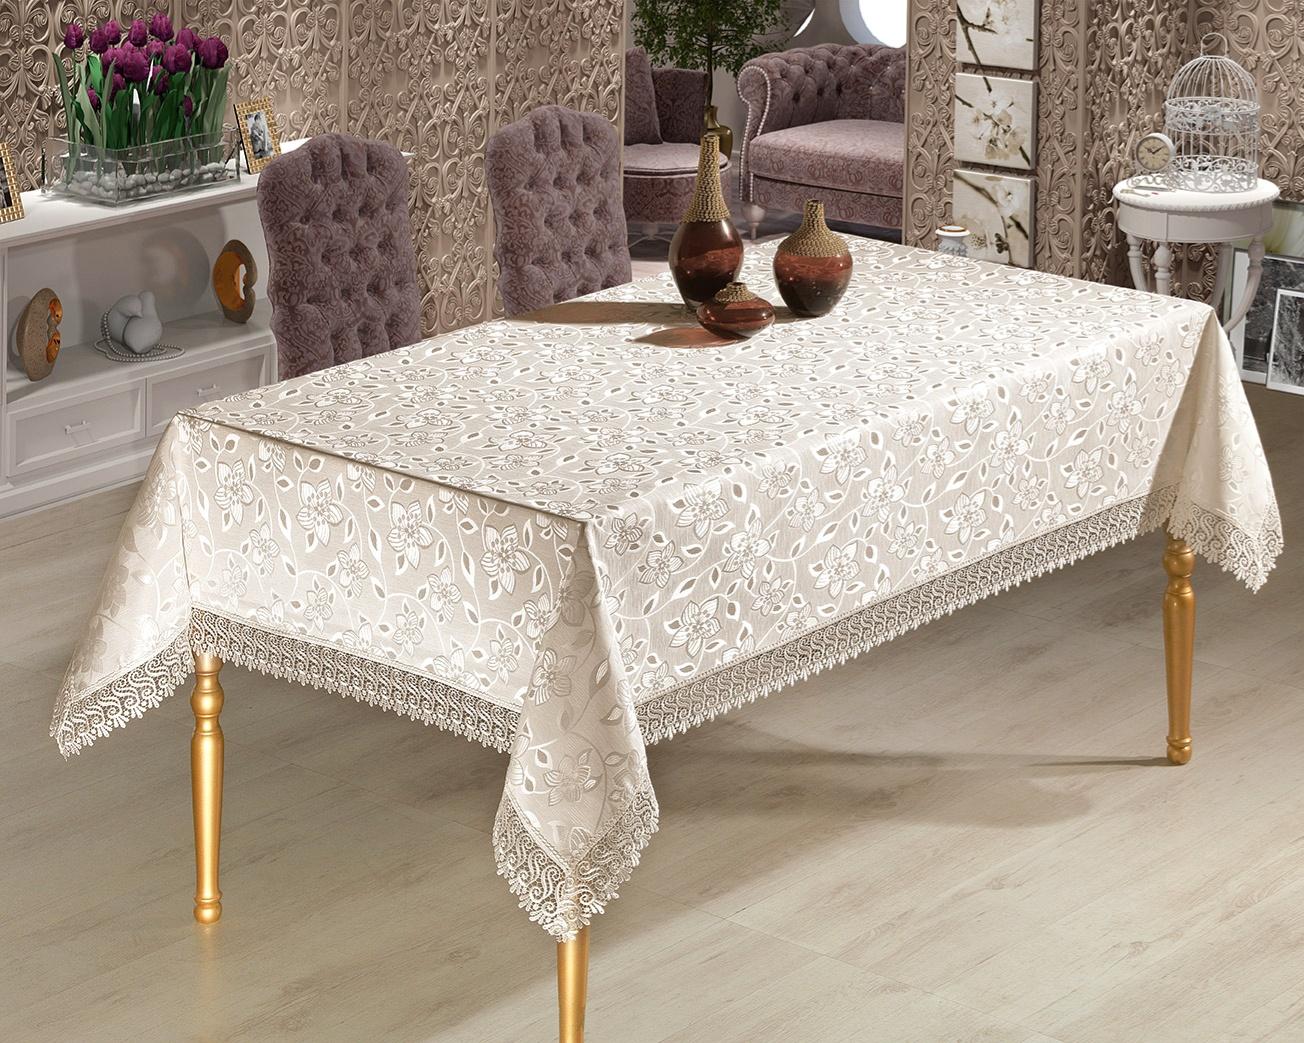 Тефлоновая скатерть на столе